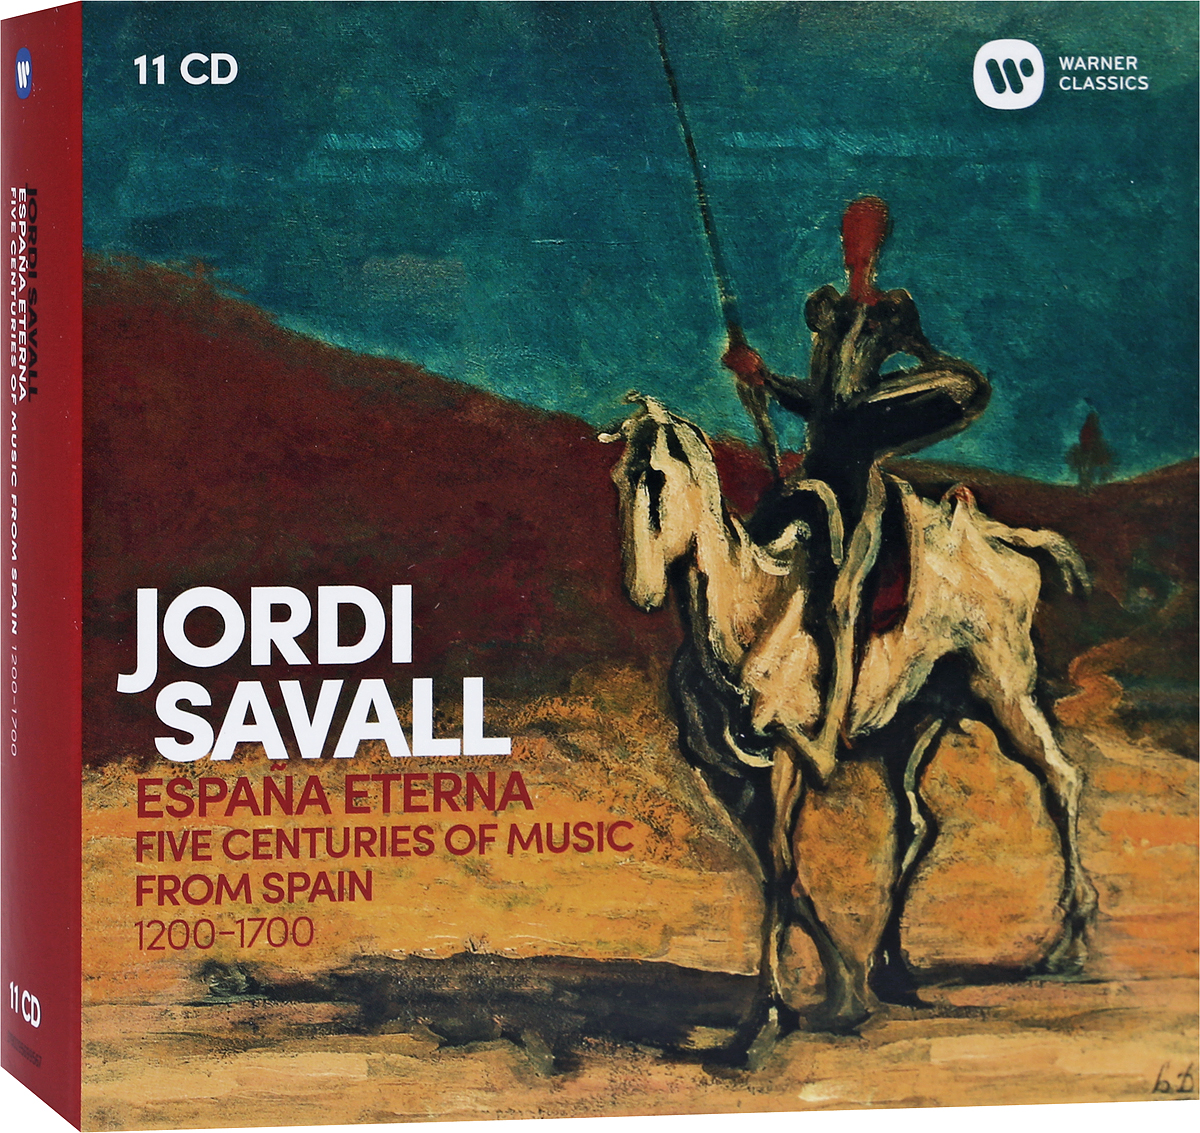 Хорди Саваль Jordi Savall. Espana Eterna (11 CD) жилет john